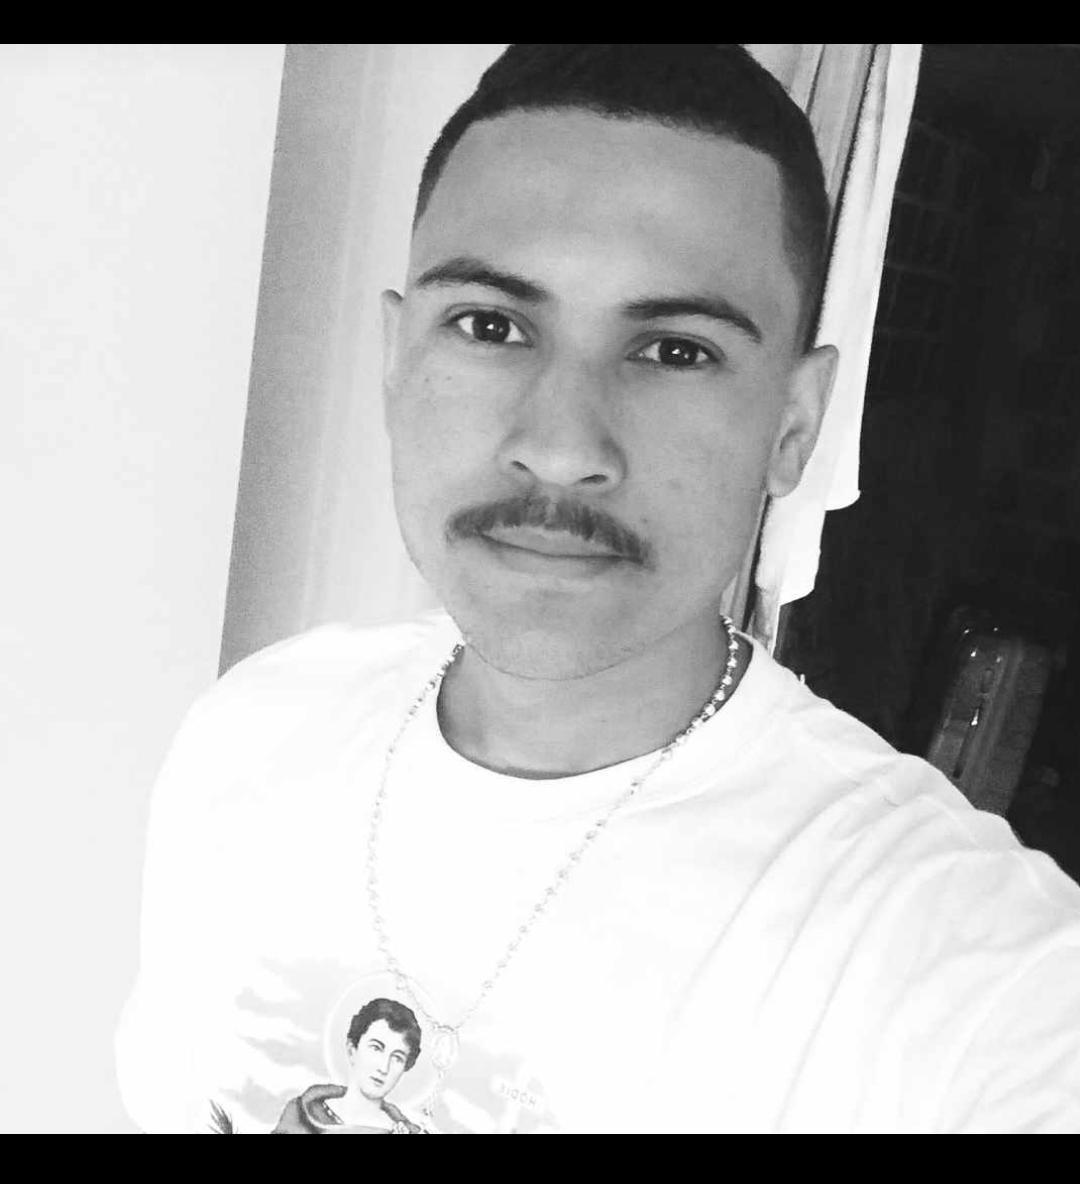 Homem executado com 3 tiros na cabeça em Jequié